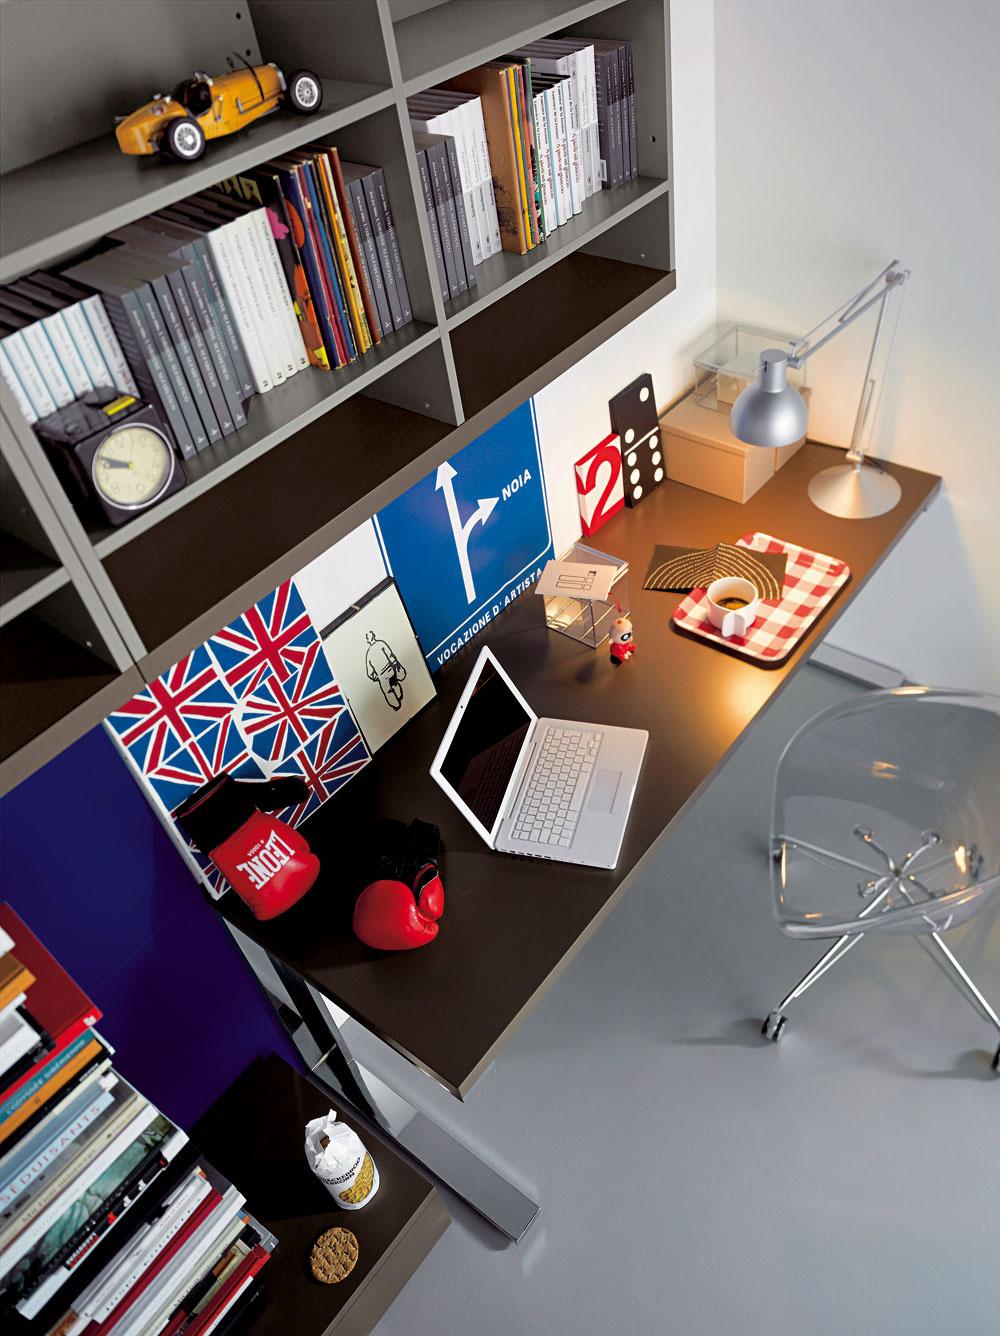 Na písacom stole by mala byť ako doplnkový zdroj svetla kvalitná lampička. Ak na stôl nedopadá dostatok prirodzeného svetla adieťa používa lampu aj cez deň, vhodným zdrojom je LED dióda alebo žiarivka sbielym svetlom.